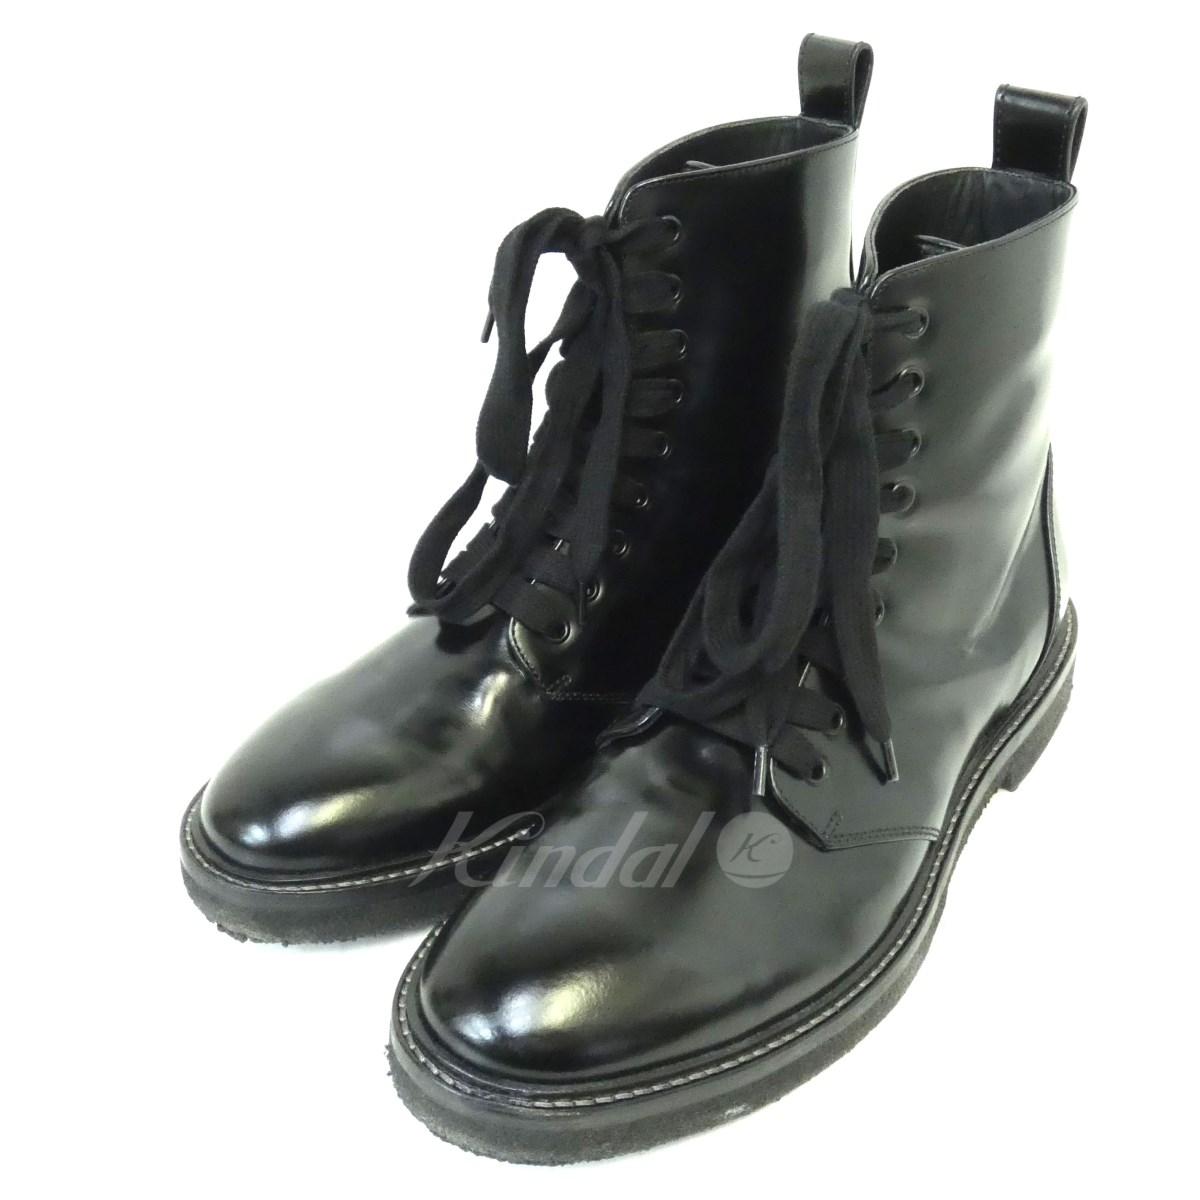 【中古】REPRESENT 「WORK BOOT」ワークブーツ ブラック サイズ:10 【送料無料】 【281018】(リプレゼント)